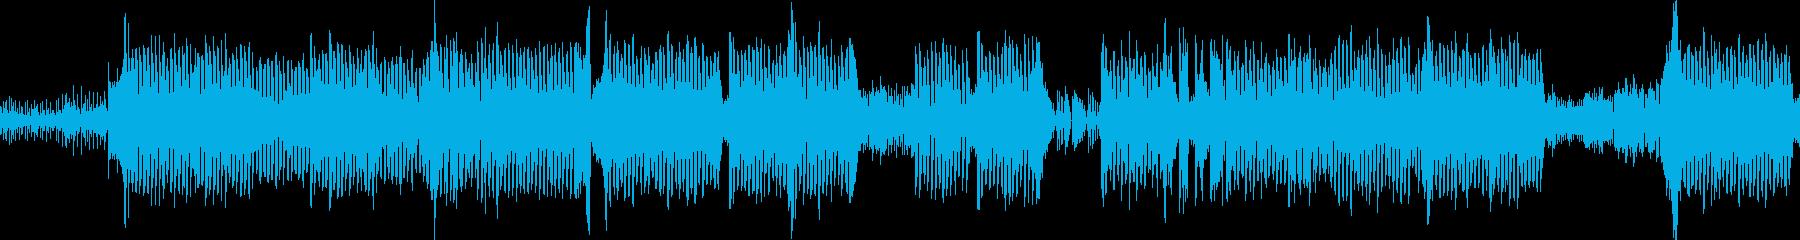 疾走感のあるおしゃれなコードのEDMの再生済みの波形